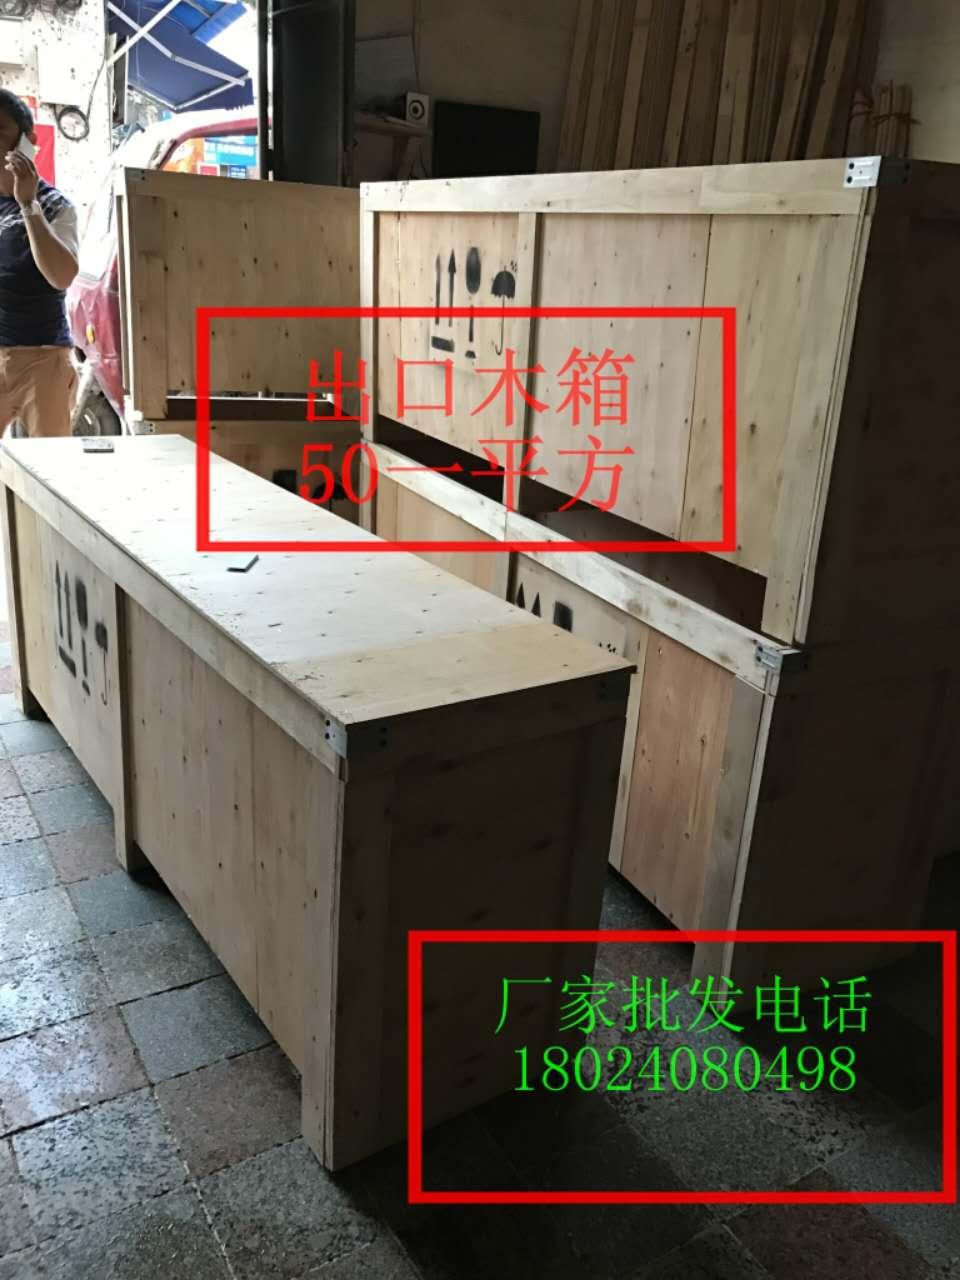 广州定做【免熏蒸出口木箱】电话微信18024080498